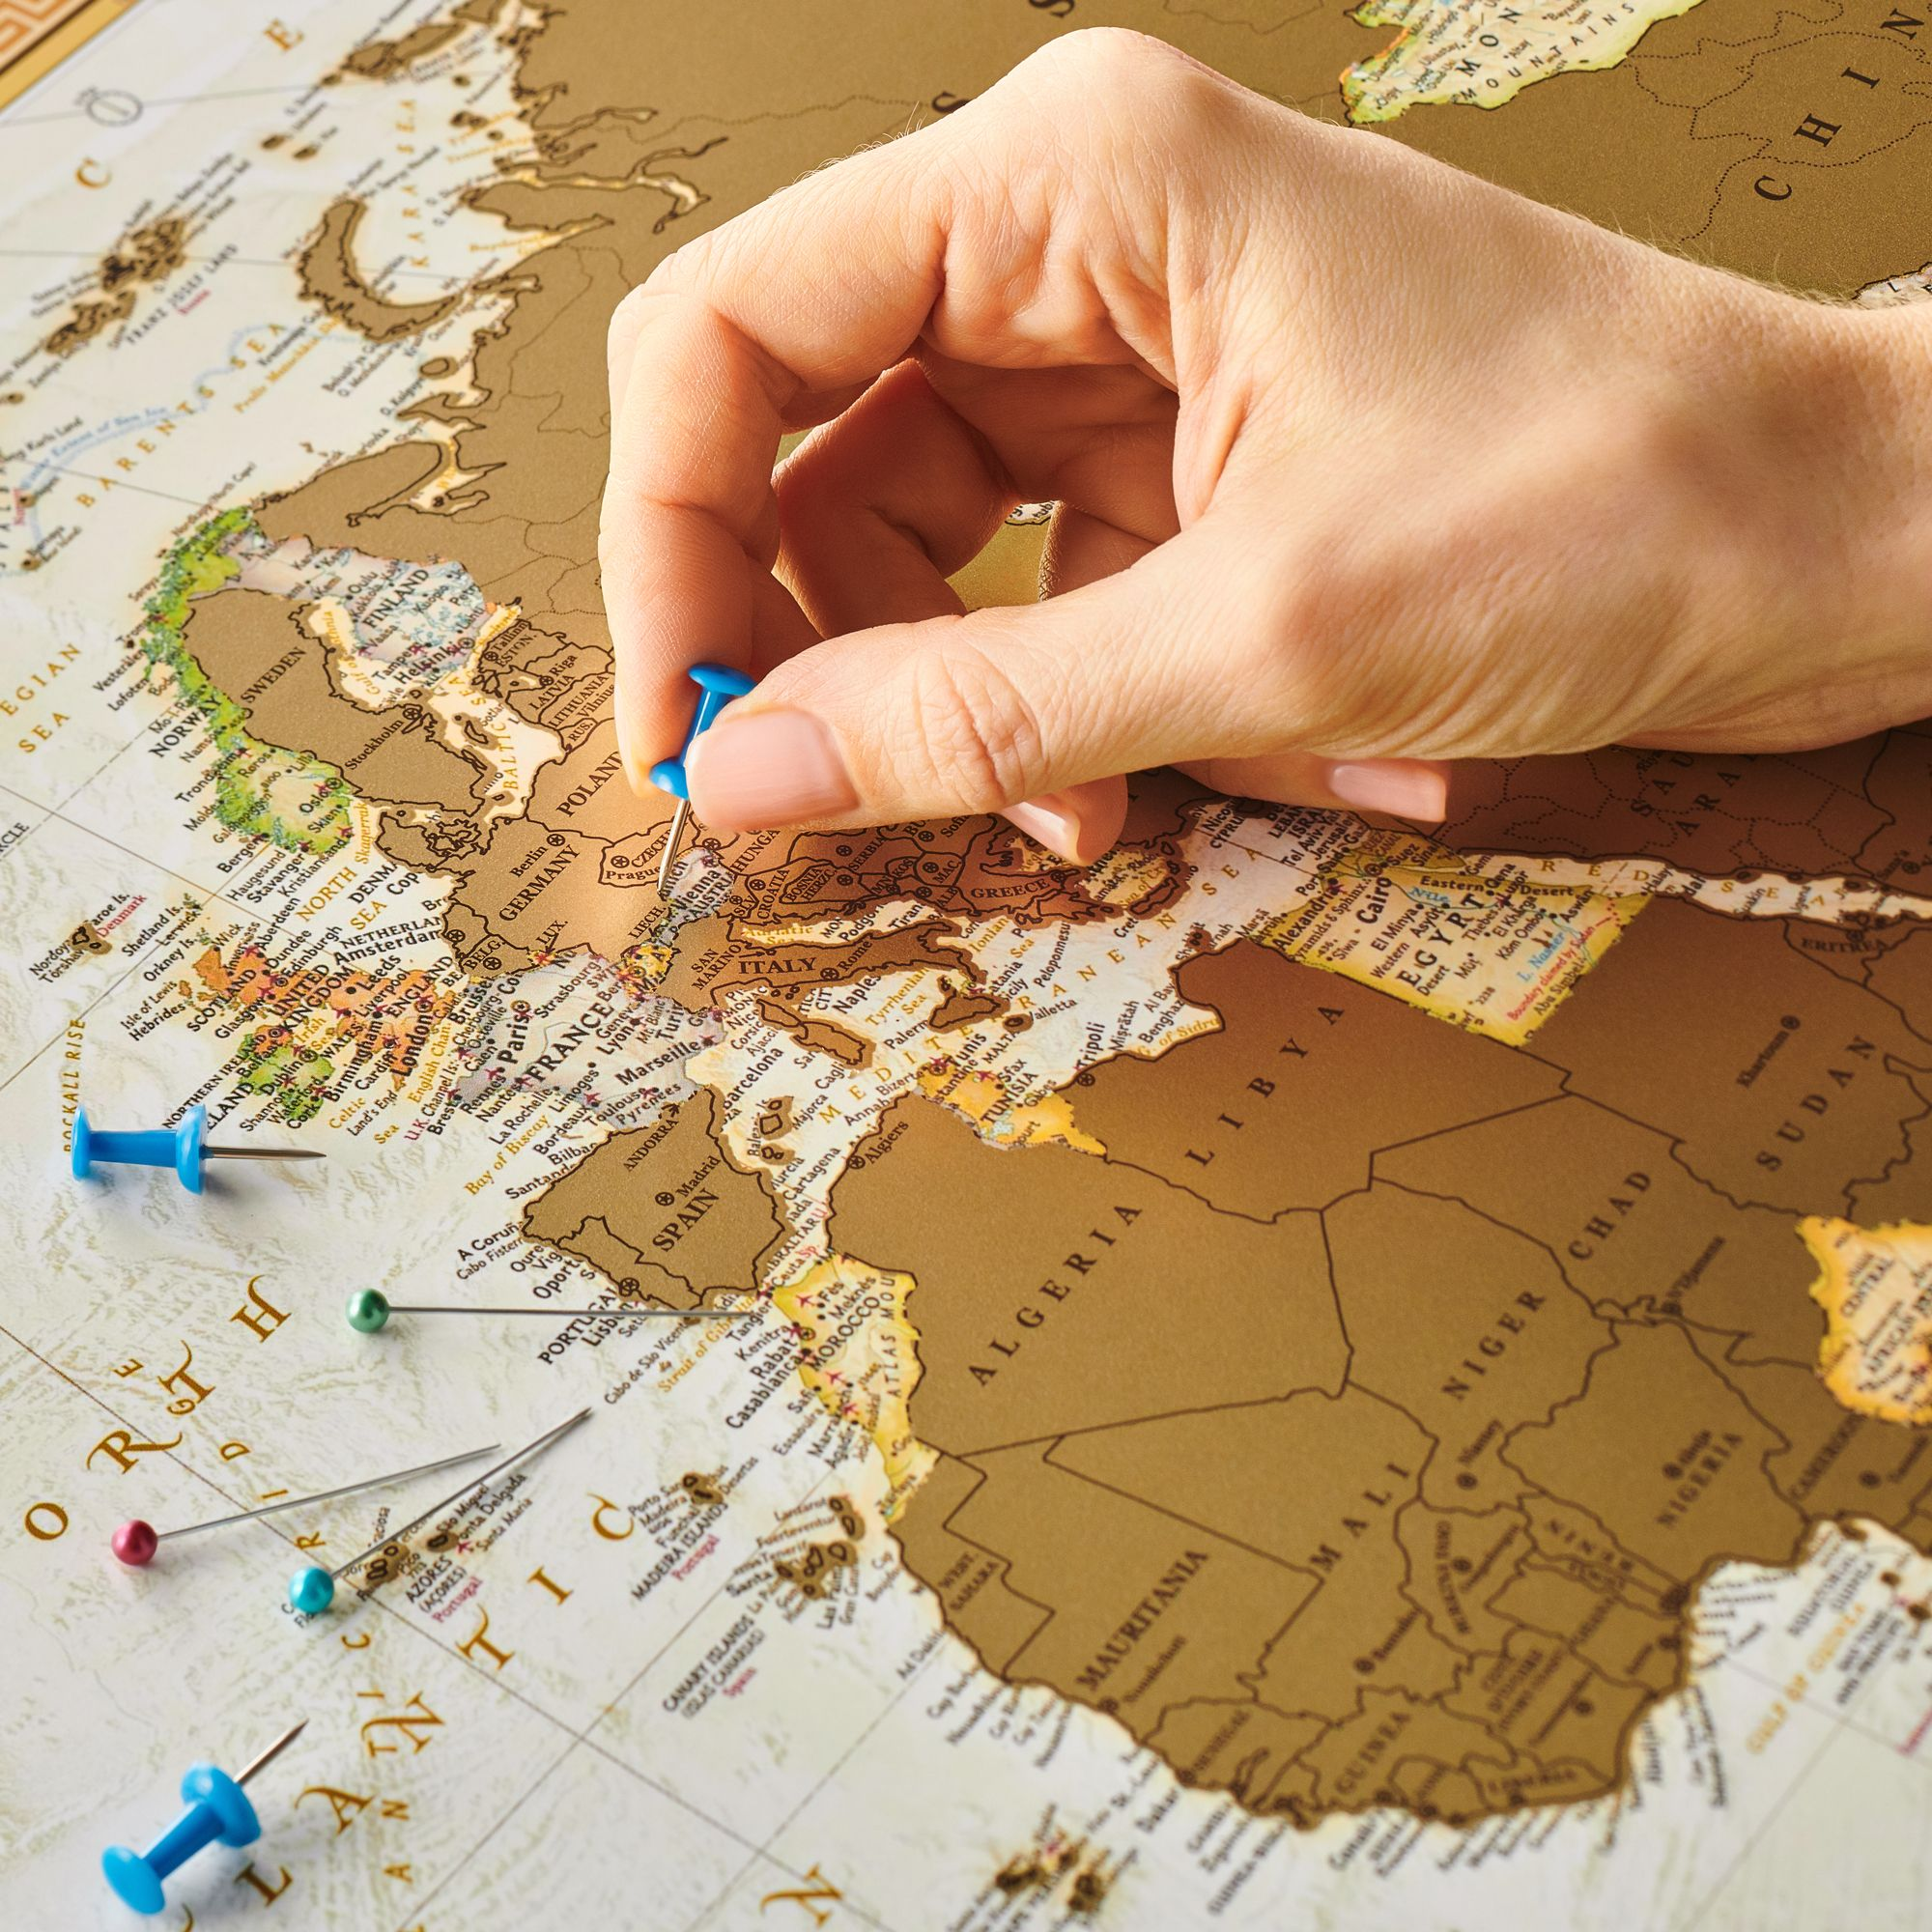 картинка карт путешествия можете все элементы